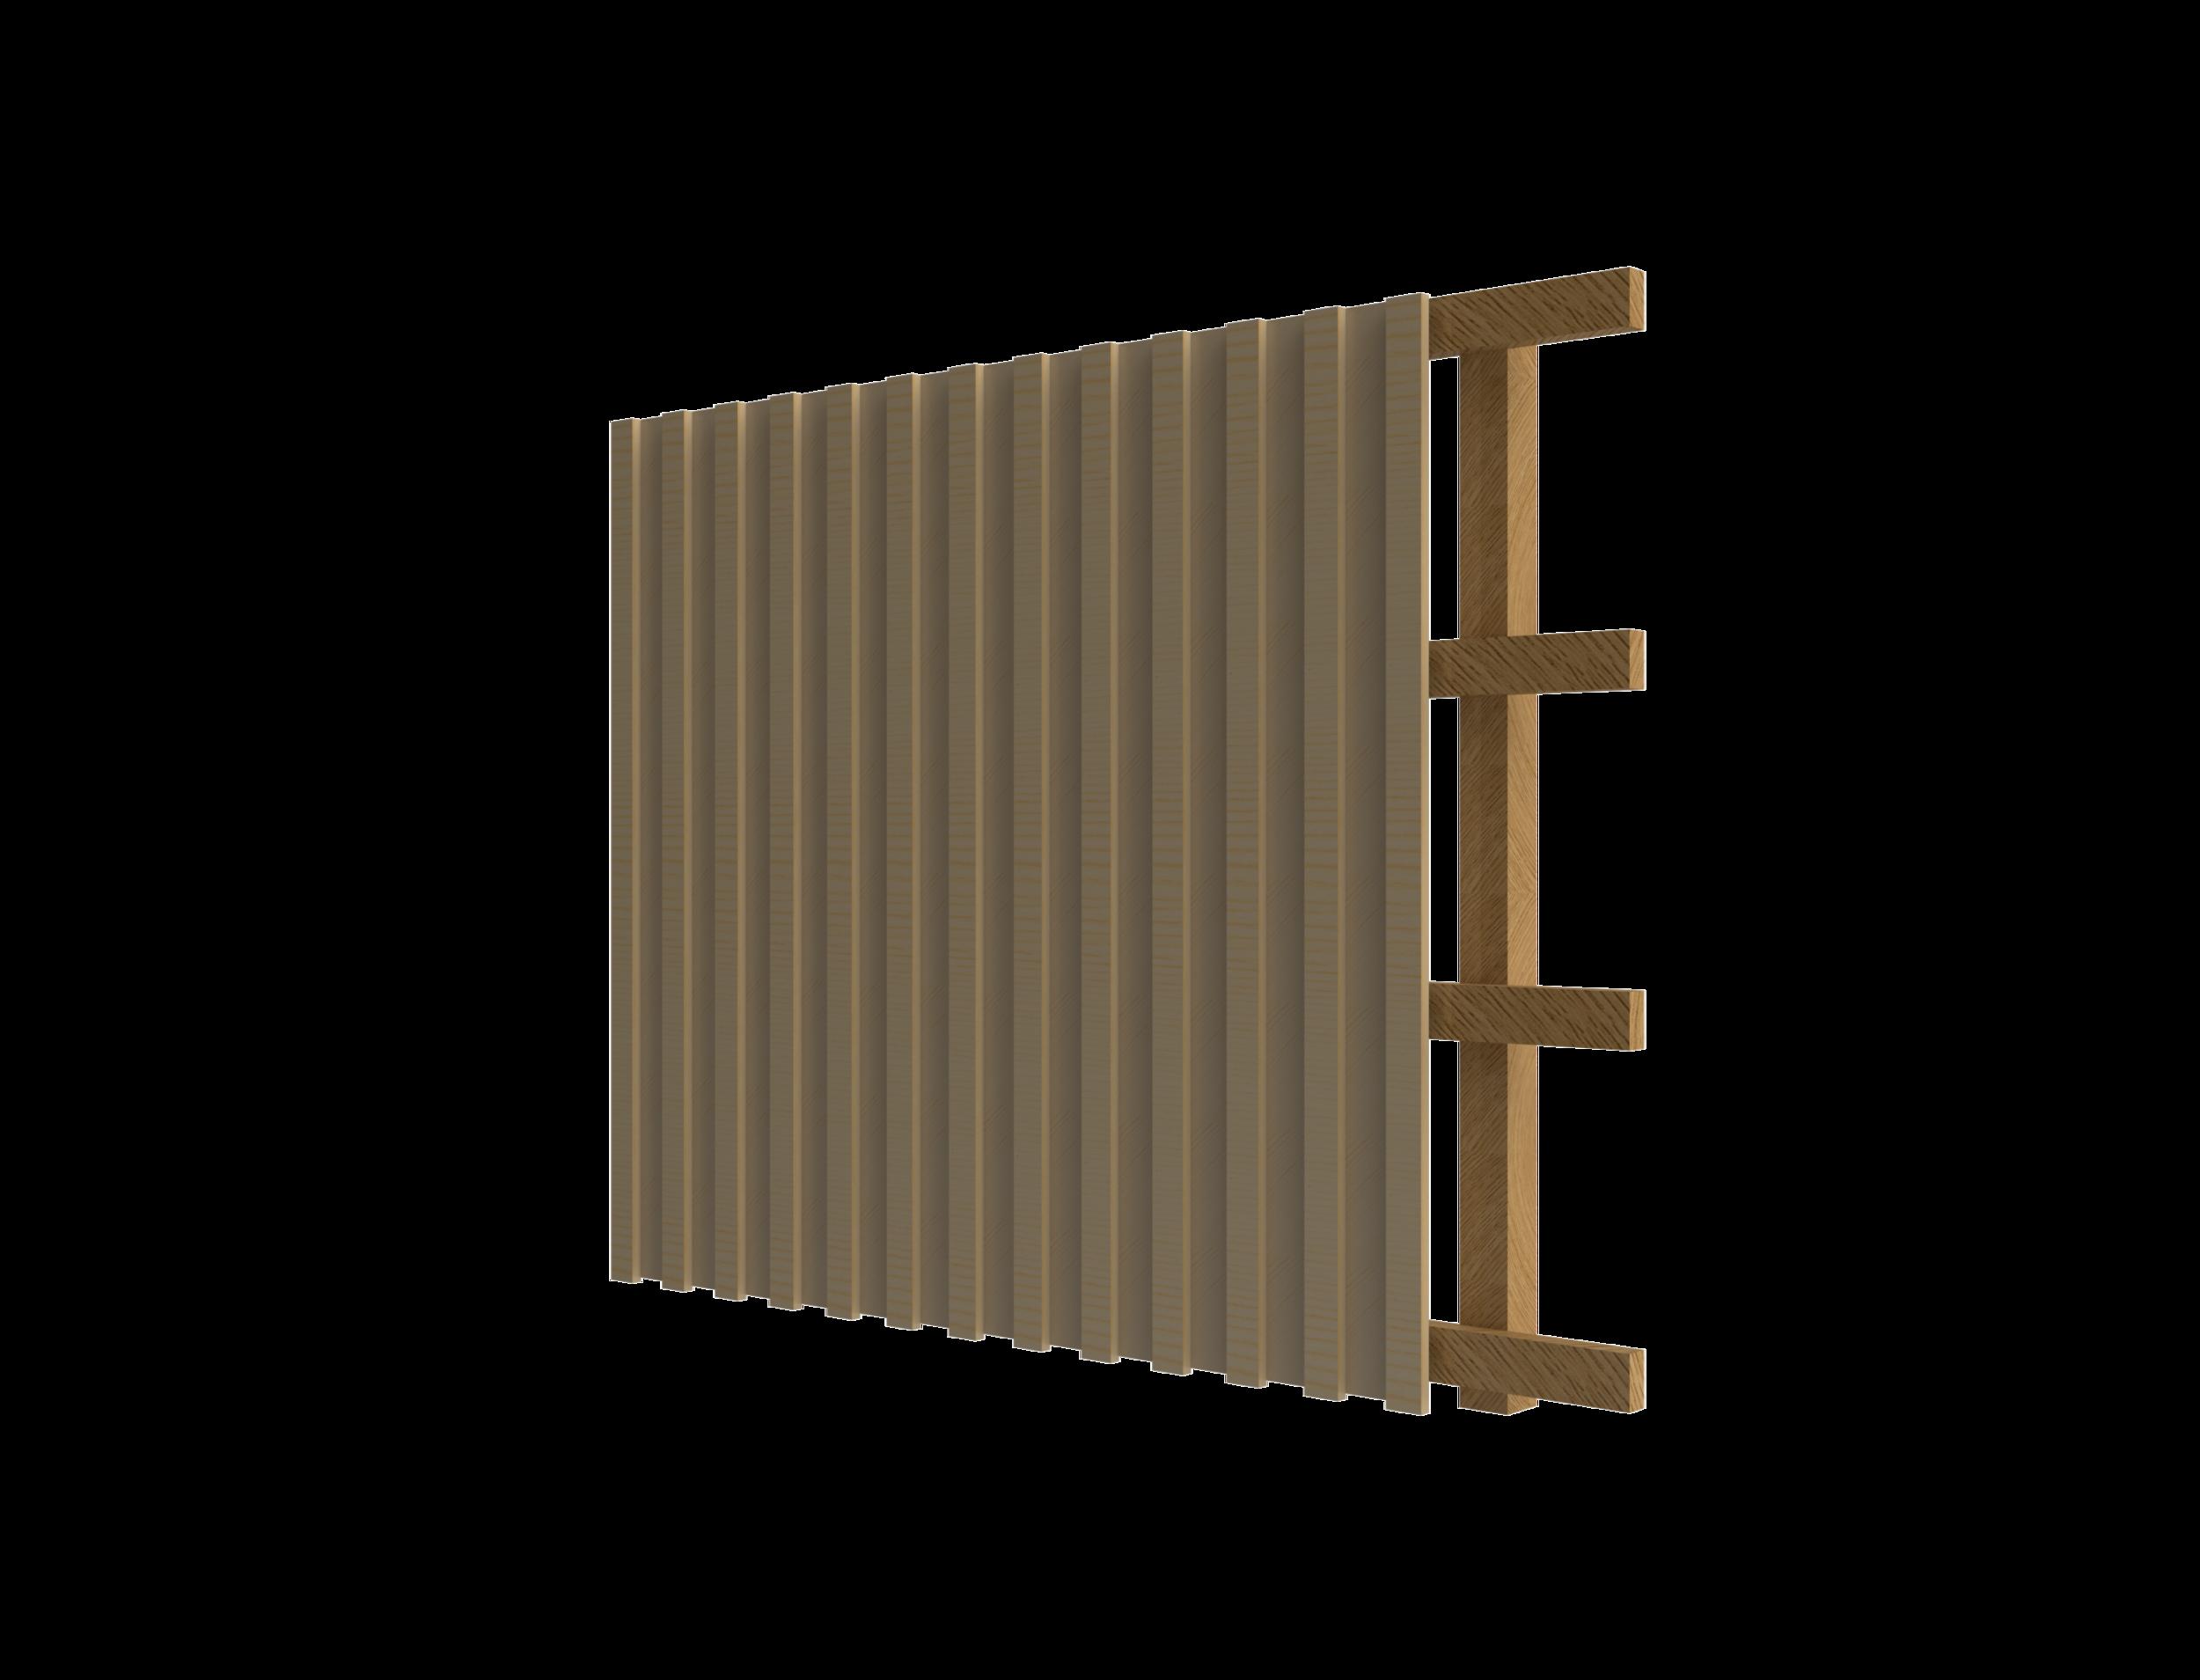 Timber Fence Render- Acoustic Barrier Render 2.png